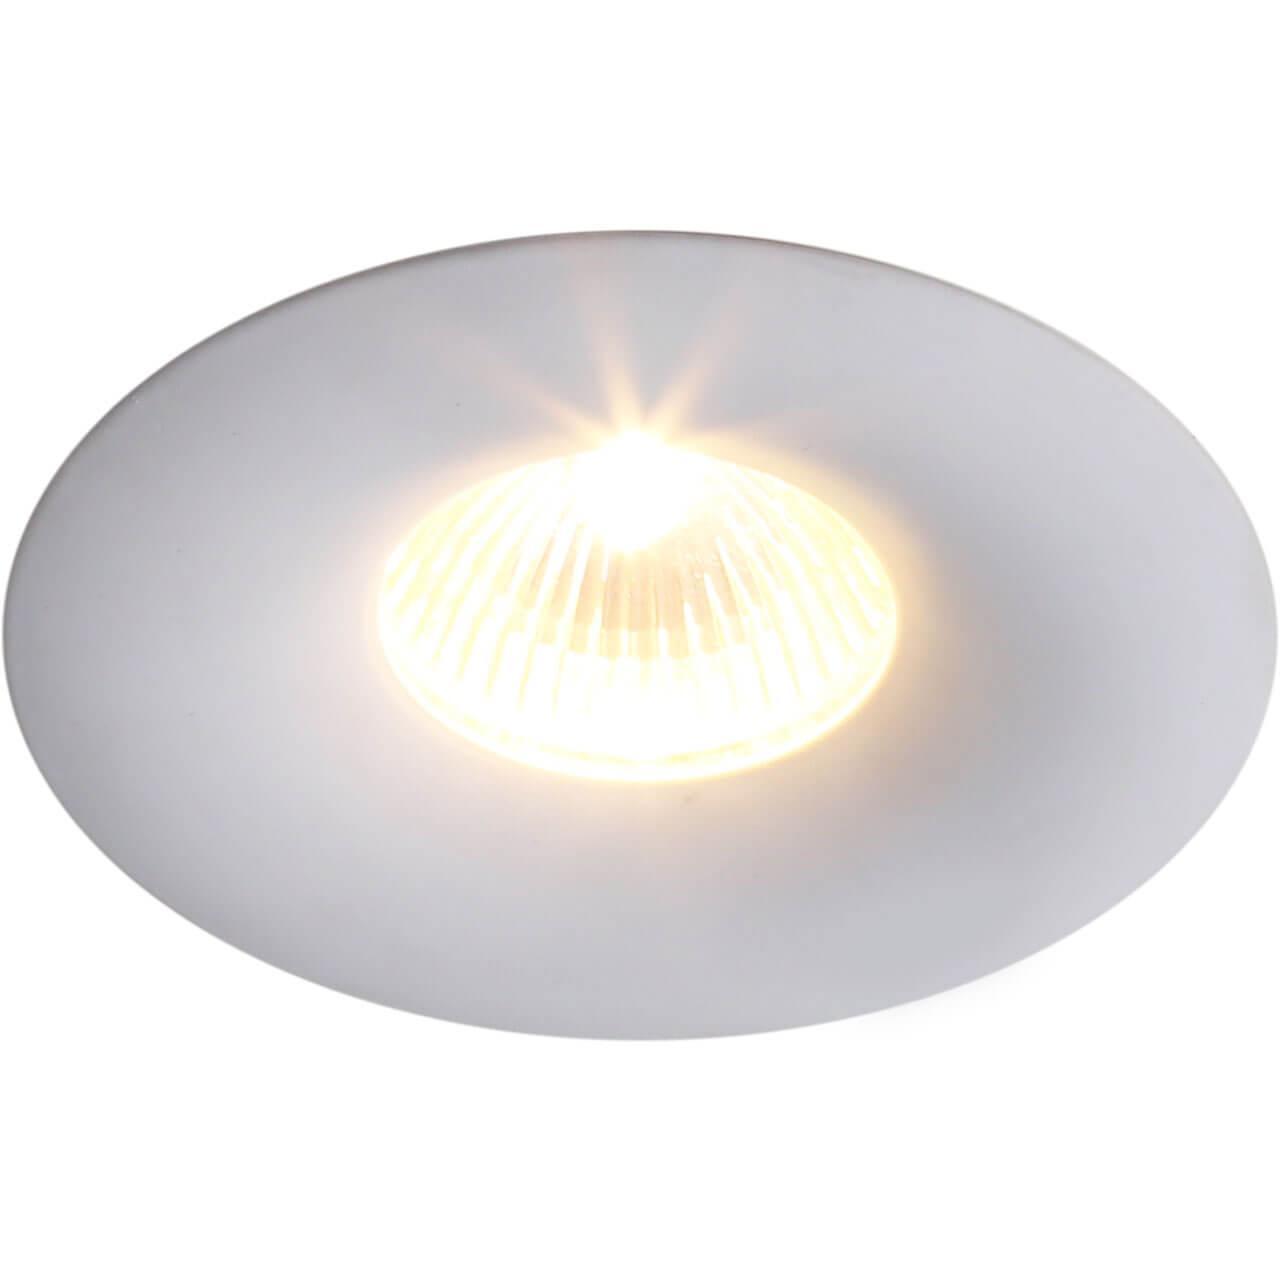 Встраиваемый светильник Divinare Sciuscia 1765/03 PL-1 встраиваемый светильник divinare sciuscia 1765 01 pl 1